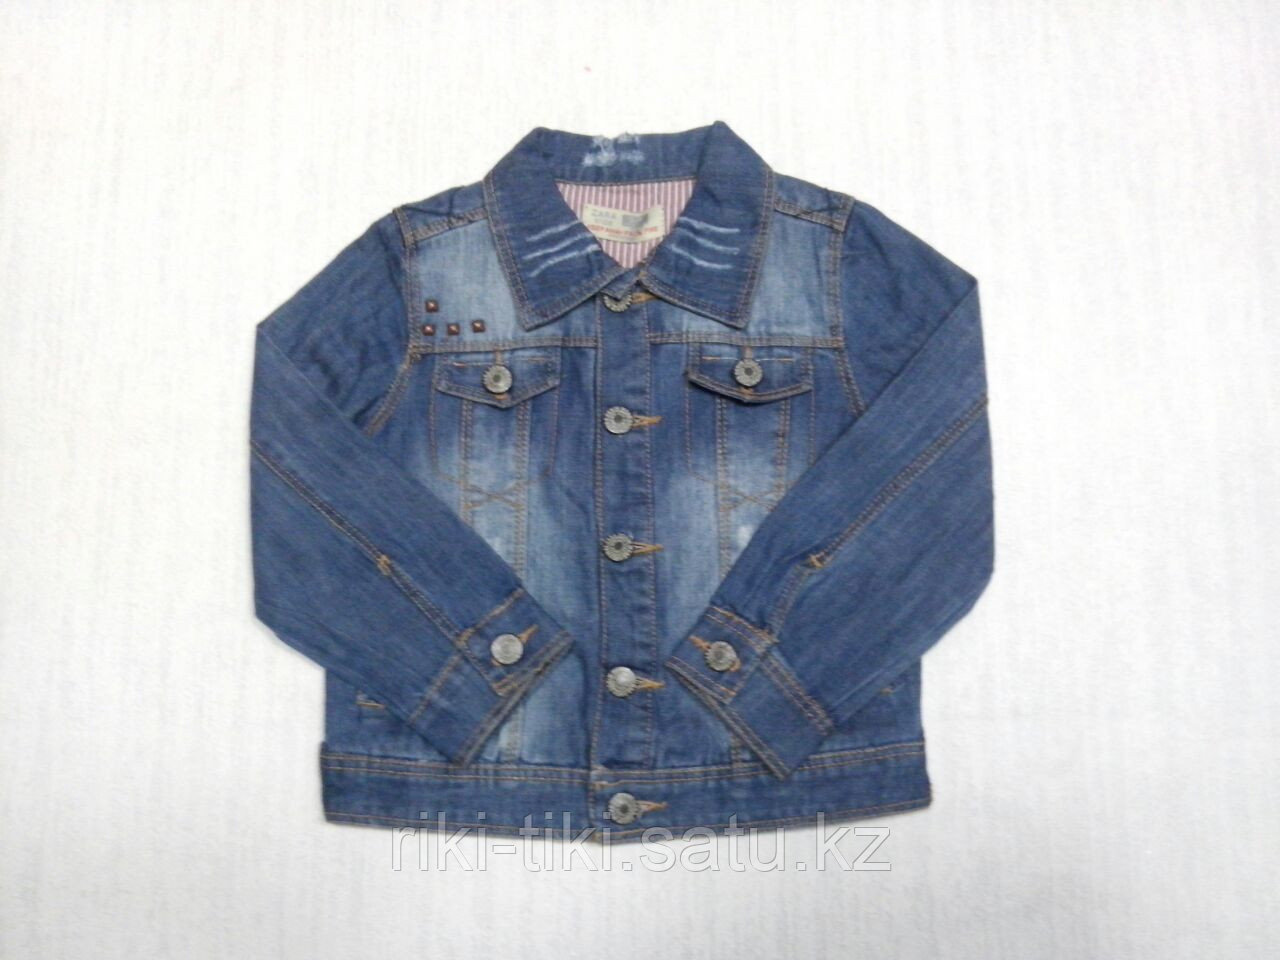 Джинсовая куртка для девочки светлая